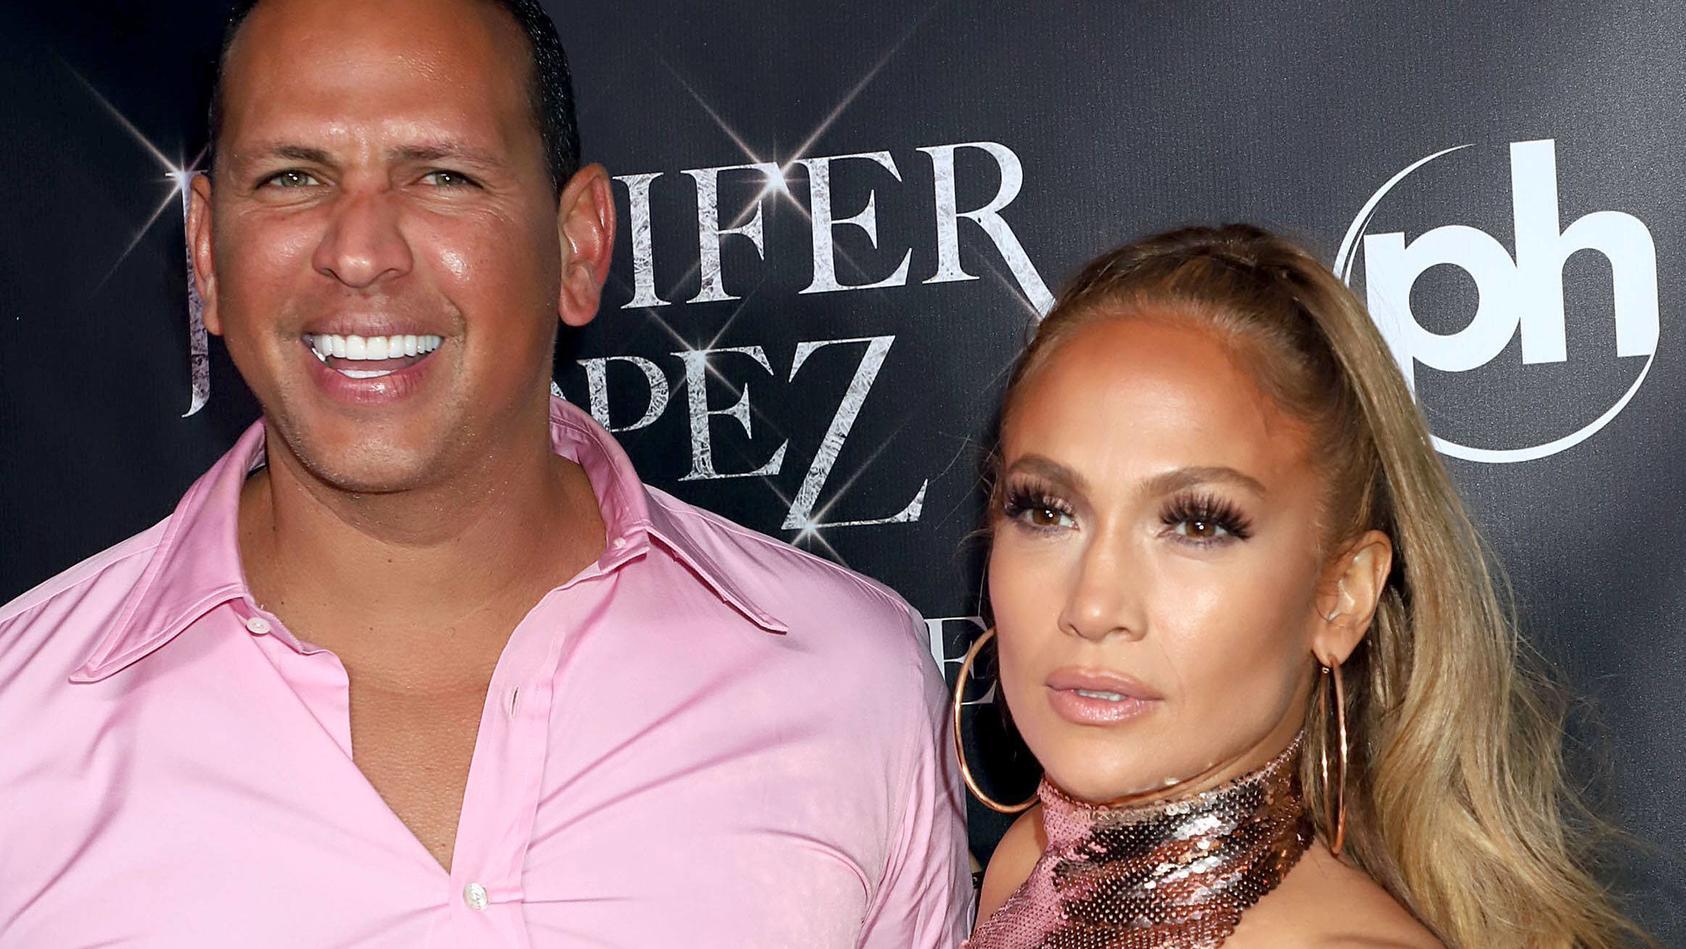 Kein Paar mehr: Alex Rodriguez und Jennifer Lopez.